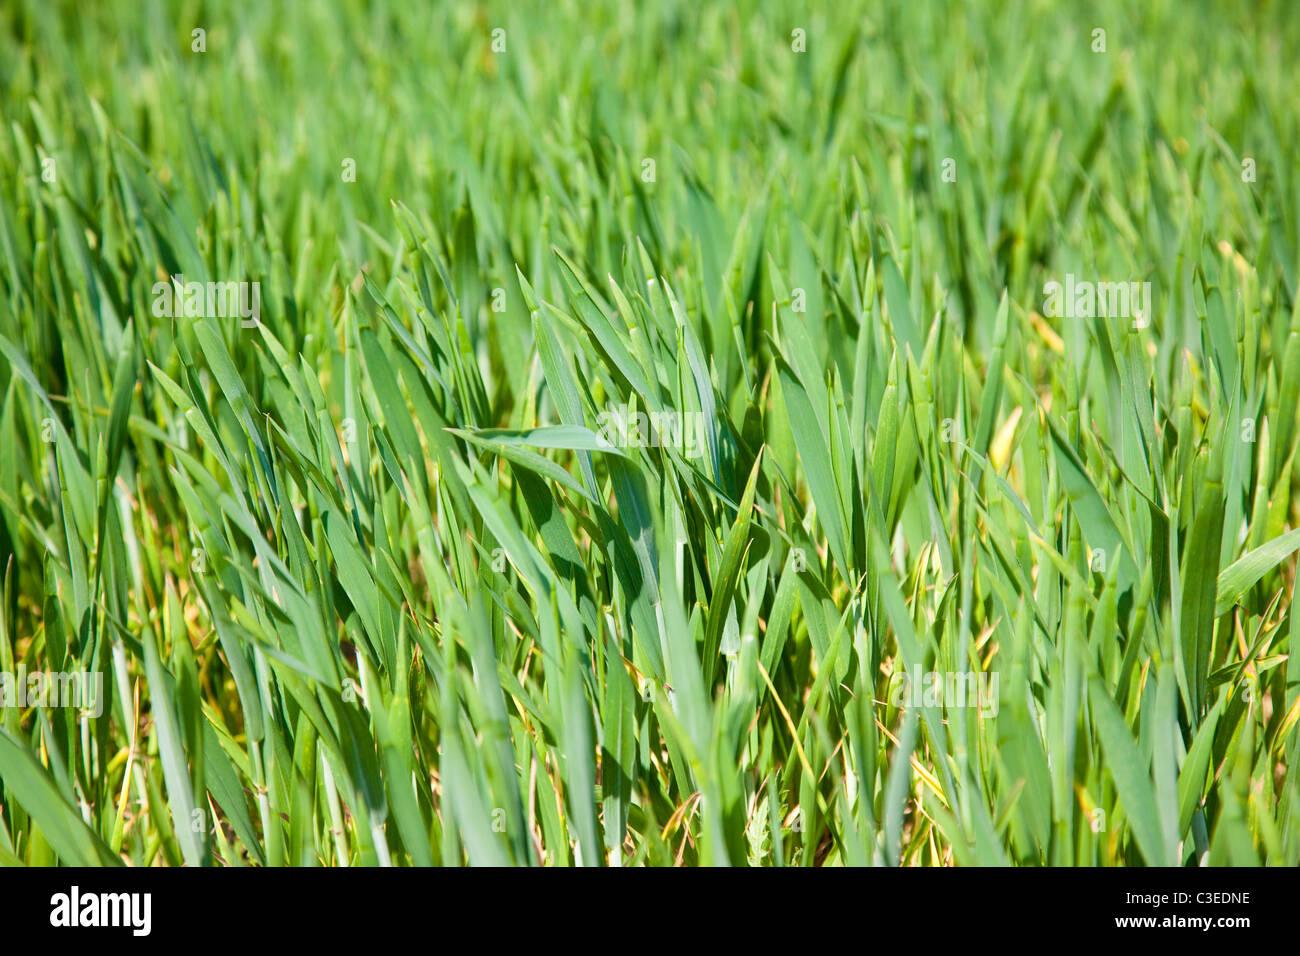 Les jeunes pousses vertes de plantes céréalières dans un champ, Kent, UK Photo Stock